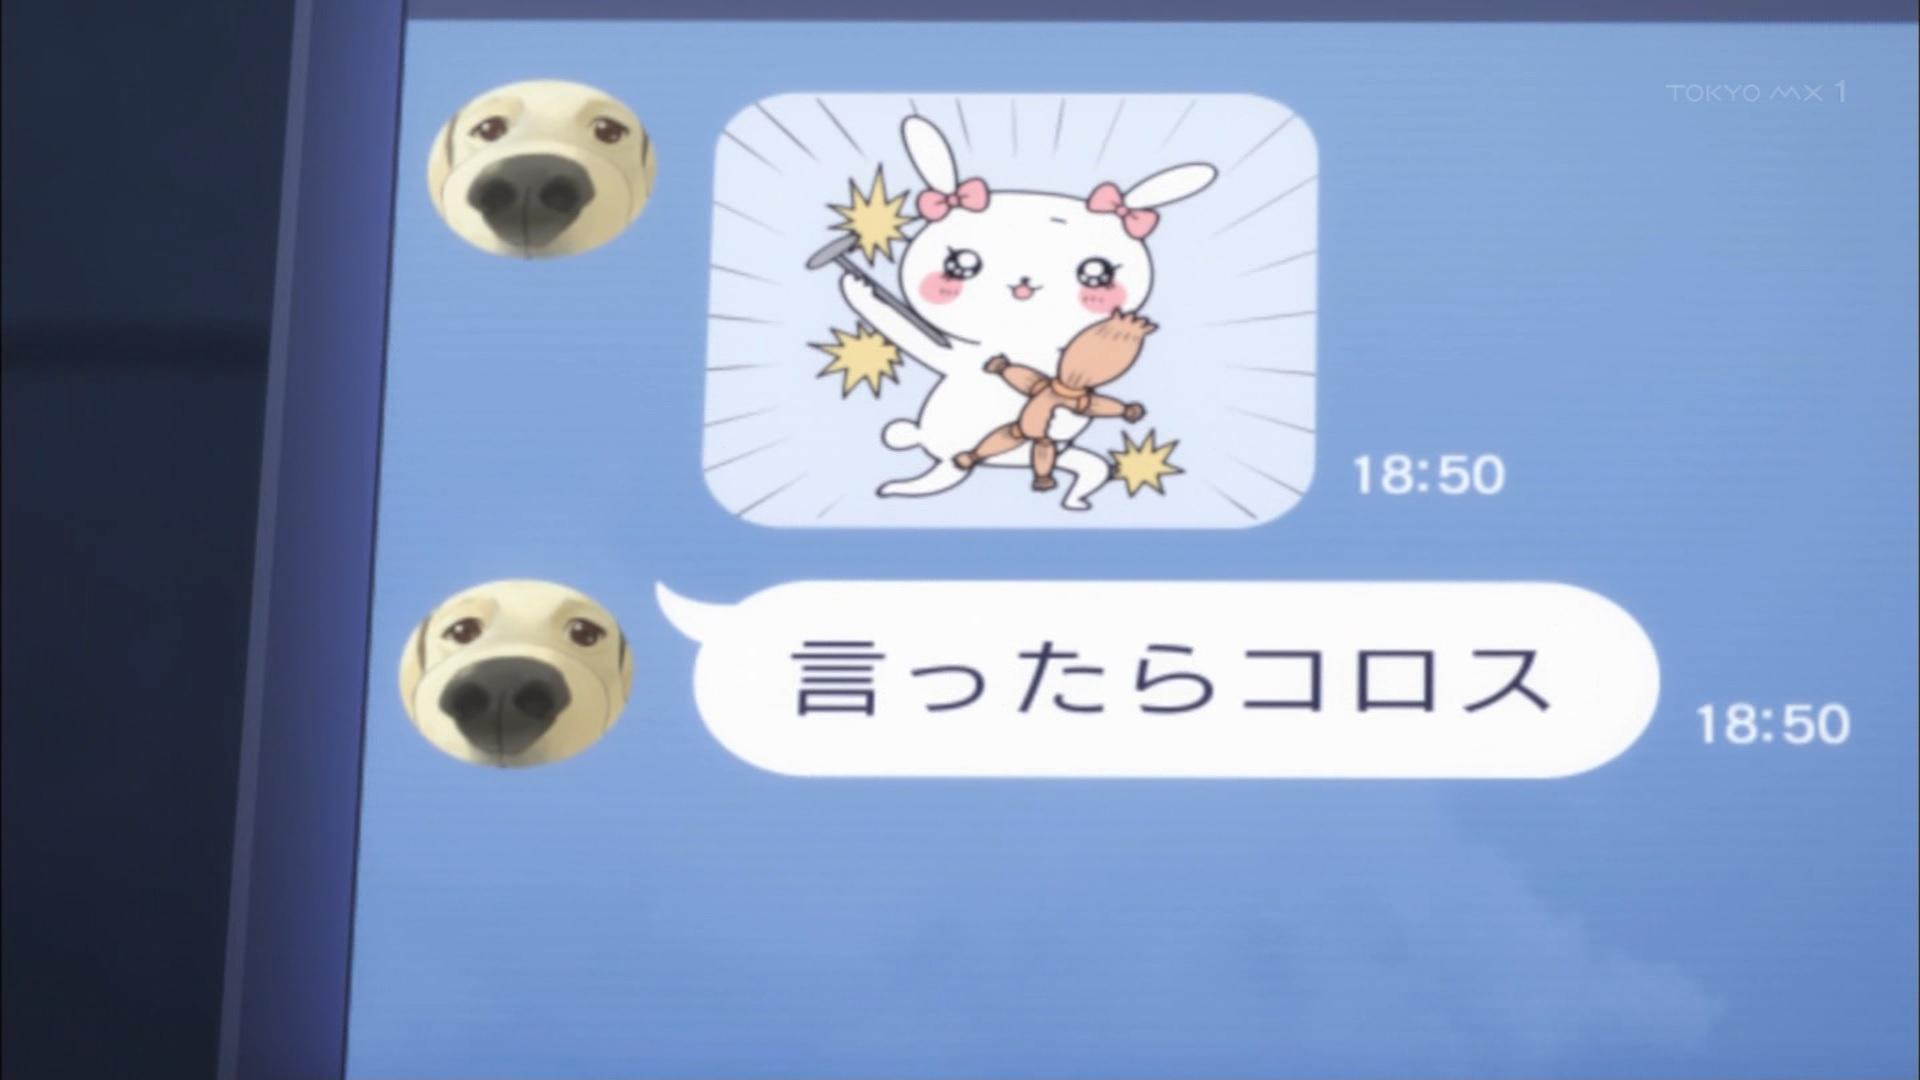 夏目美緒からのライン